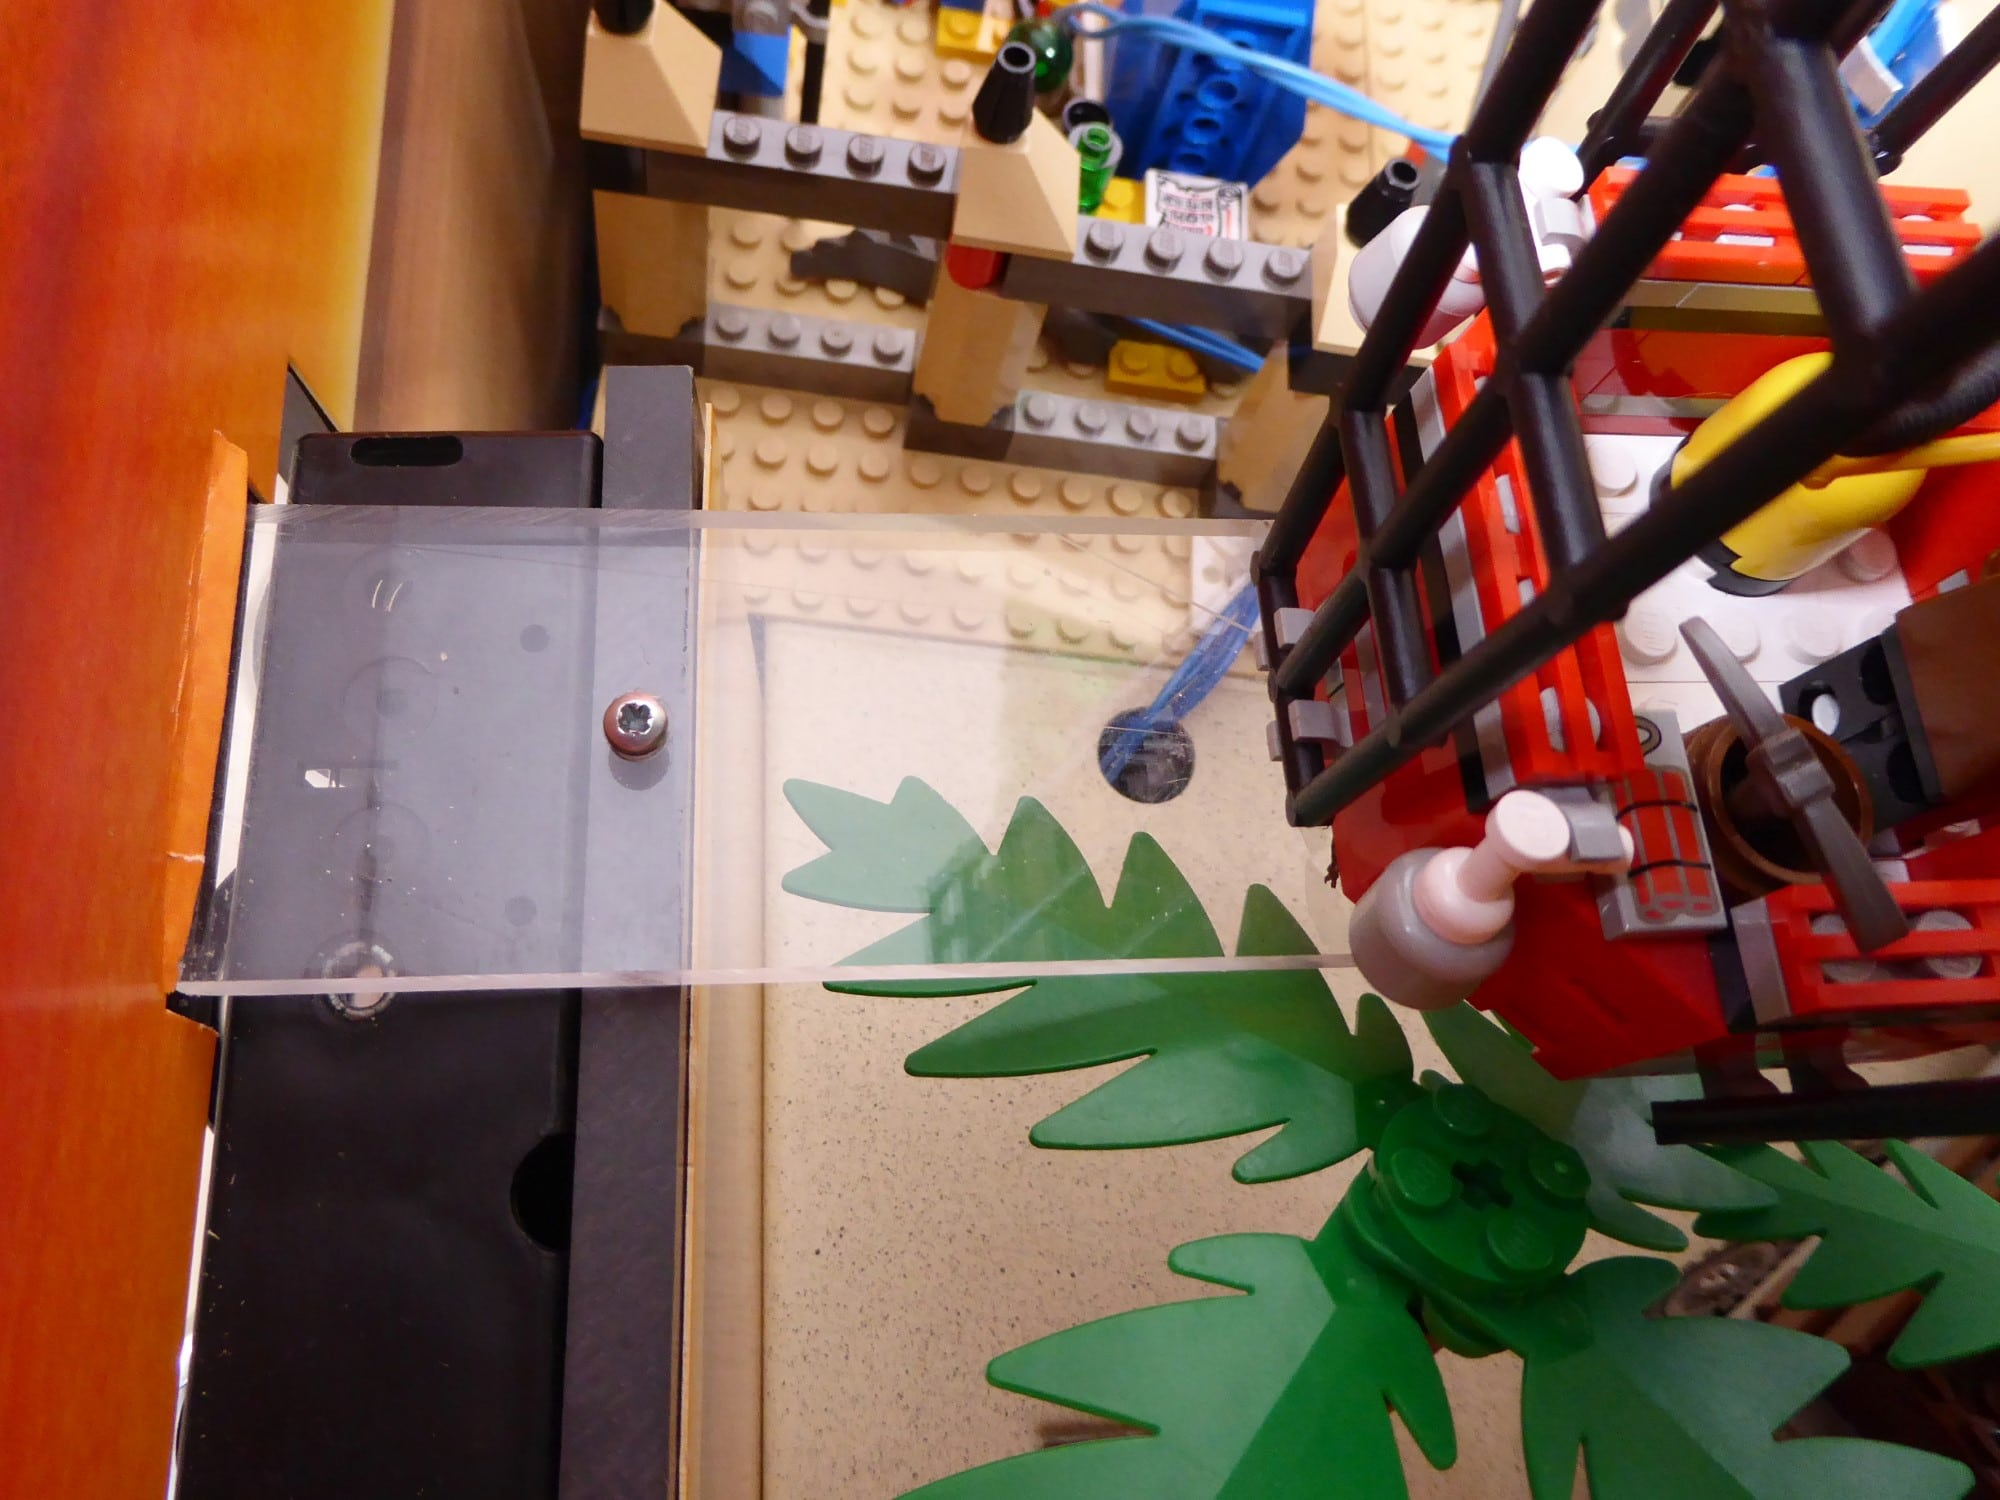 LEGO Adventurers Display Zusammenbau Montage Heißluftballon 2